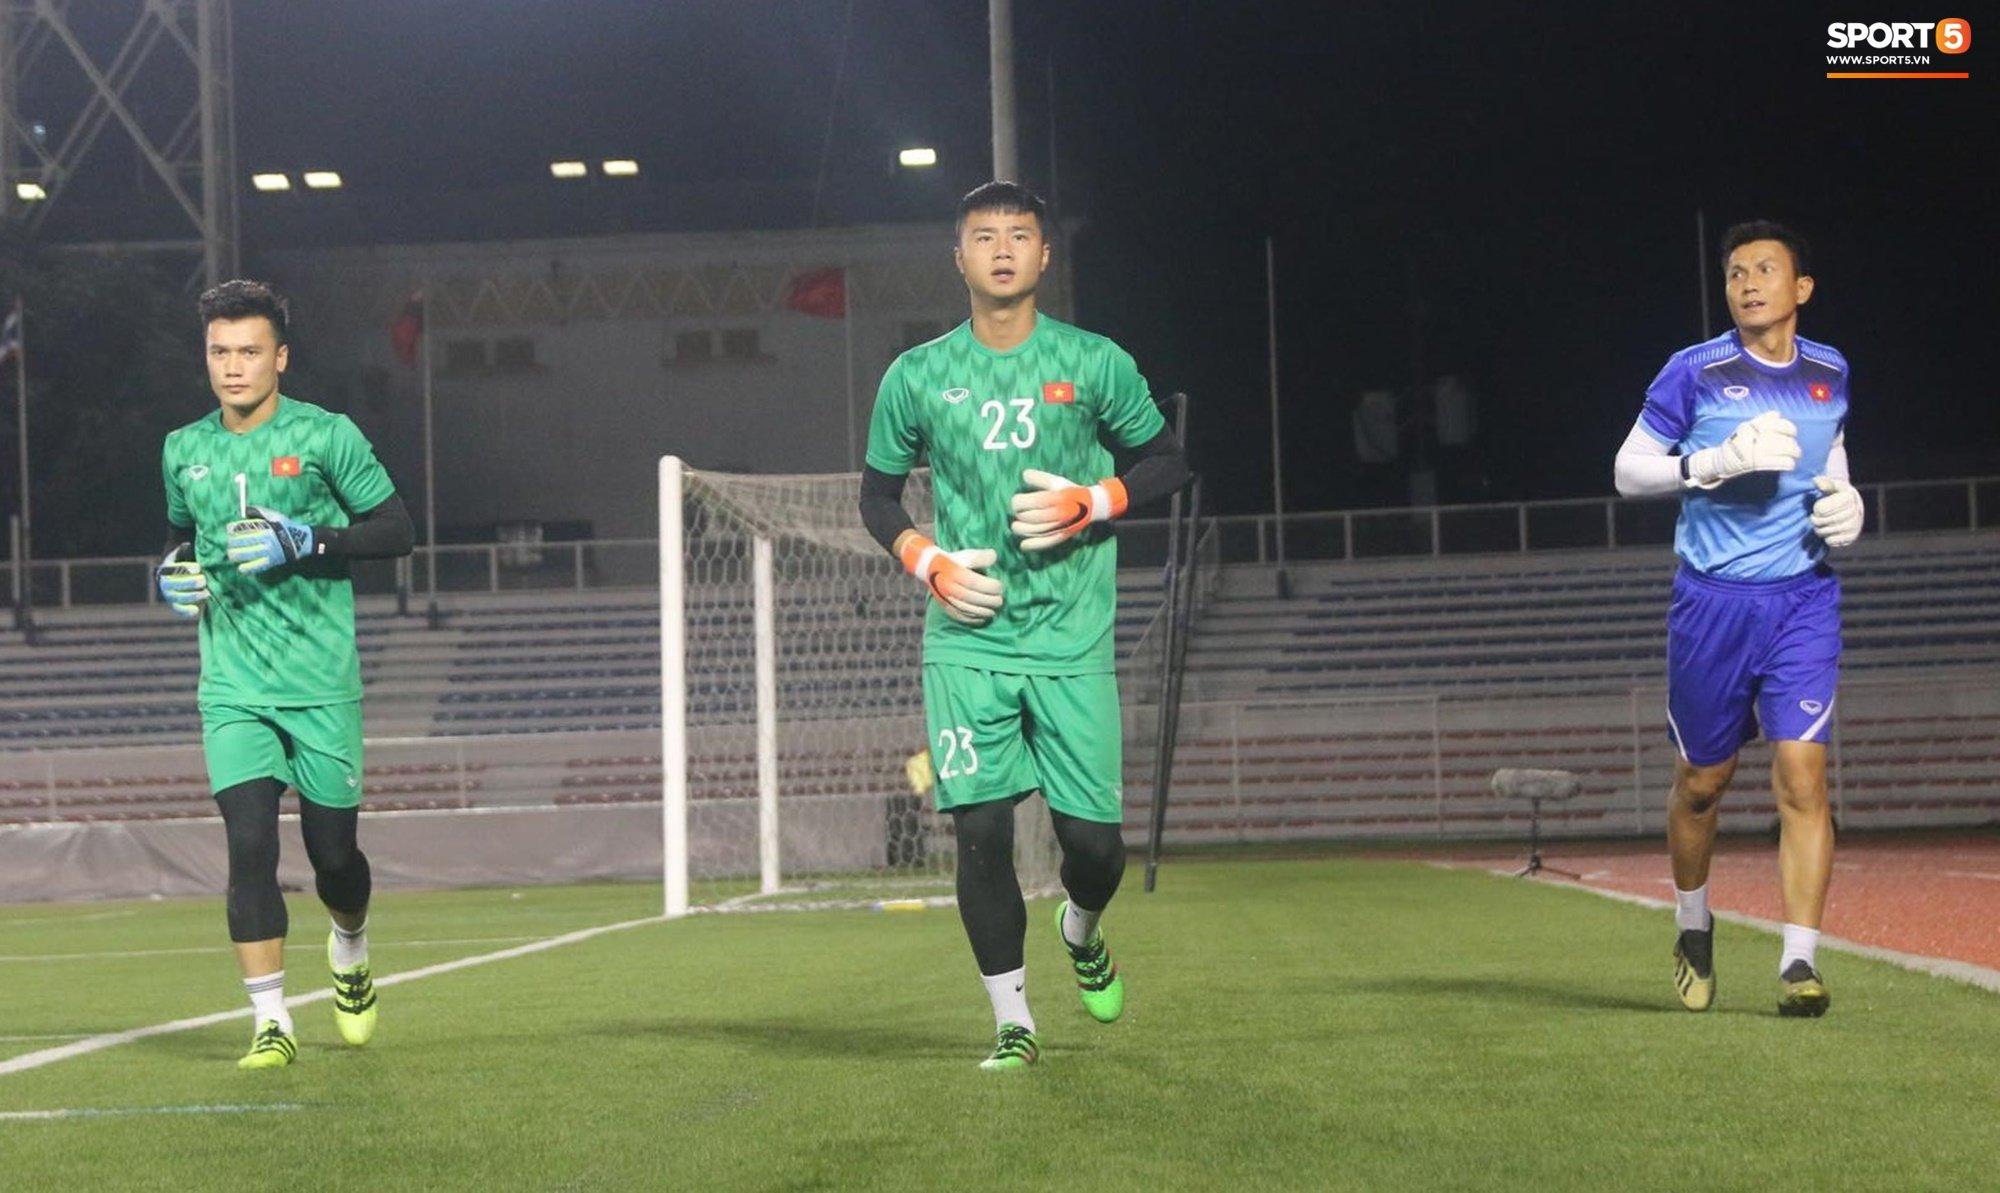 HLV Park Hang Seo lý giải việc cho Văn Toản bắt thay Bùi Tiến Dũng 1